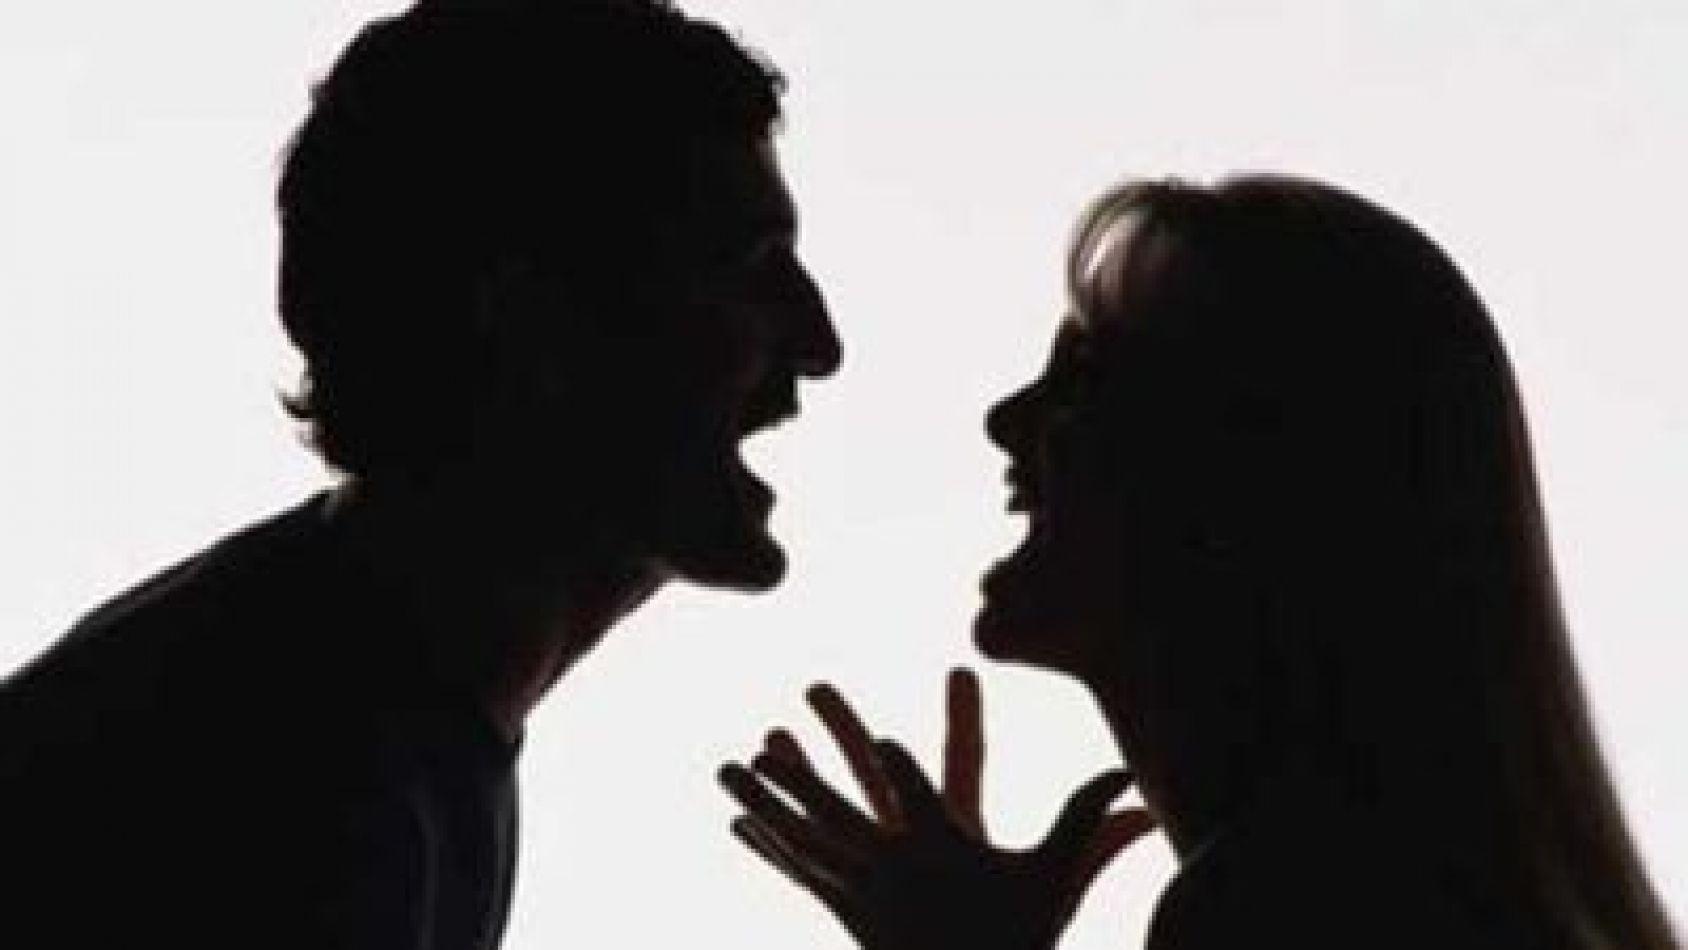 El la golpeaba, y ella lo apuñaló: ambos están imputados